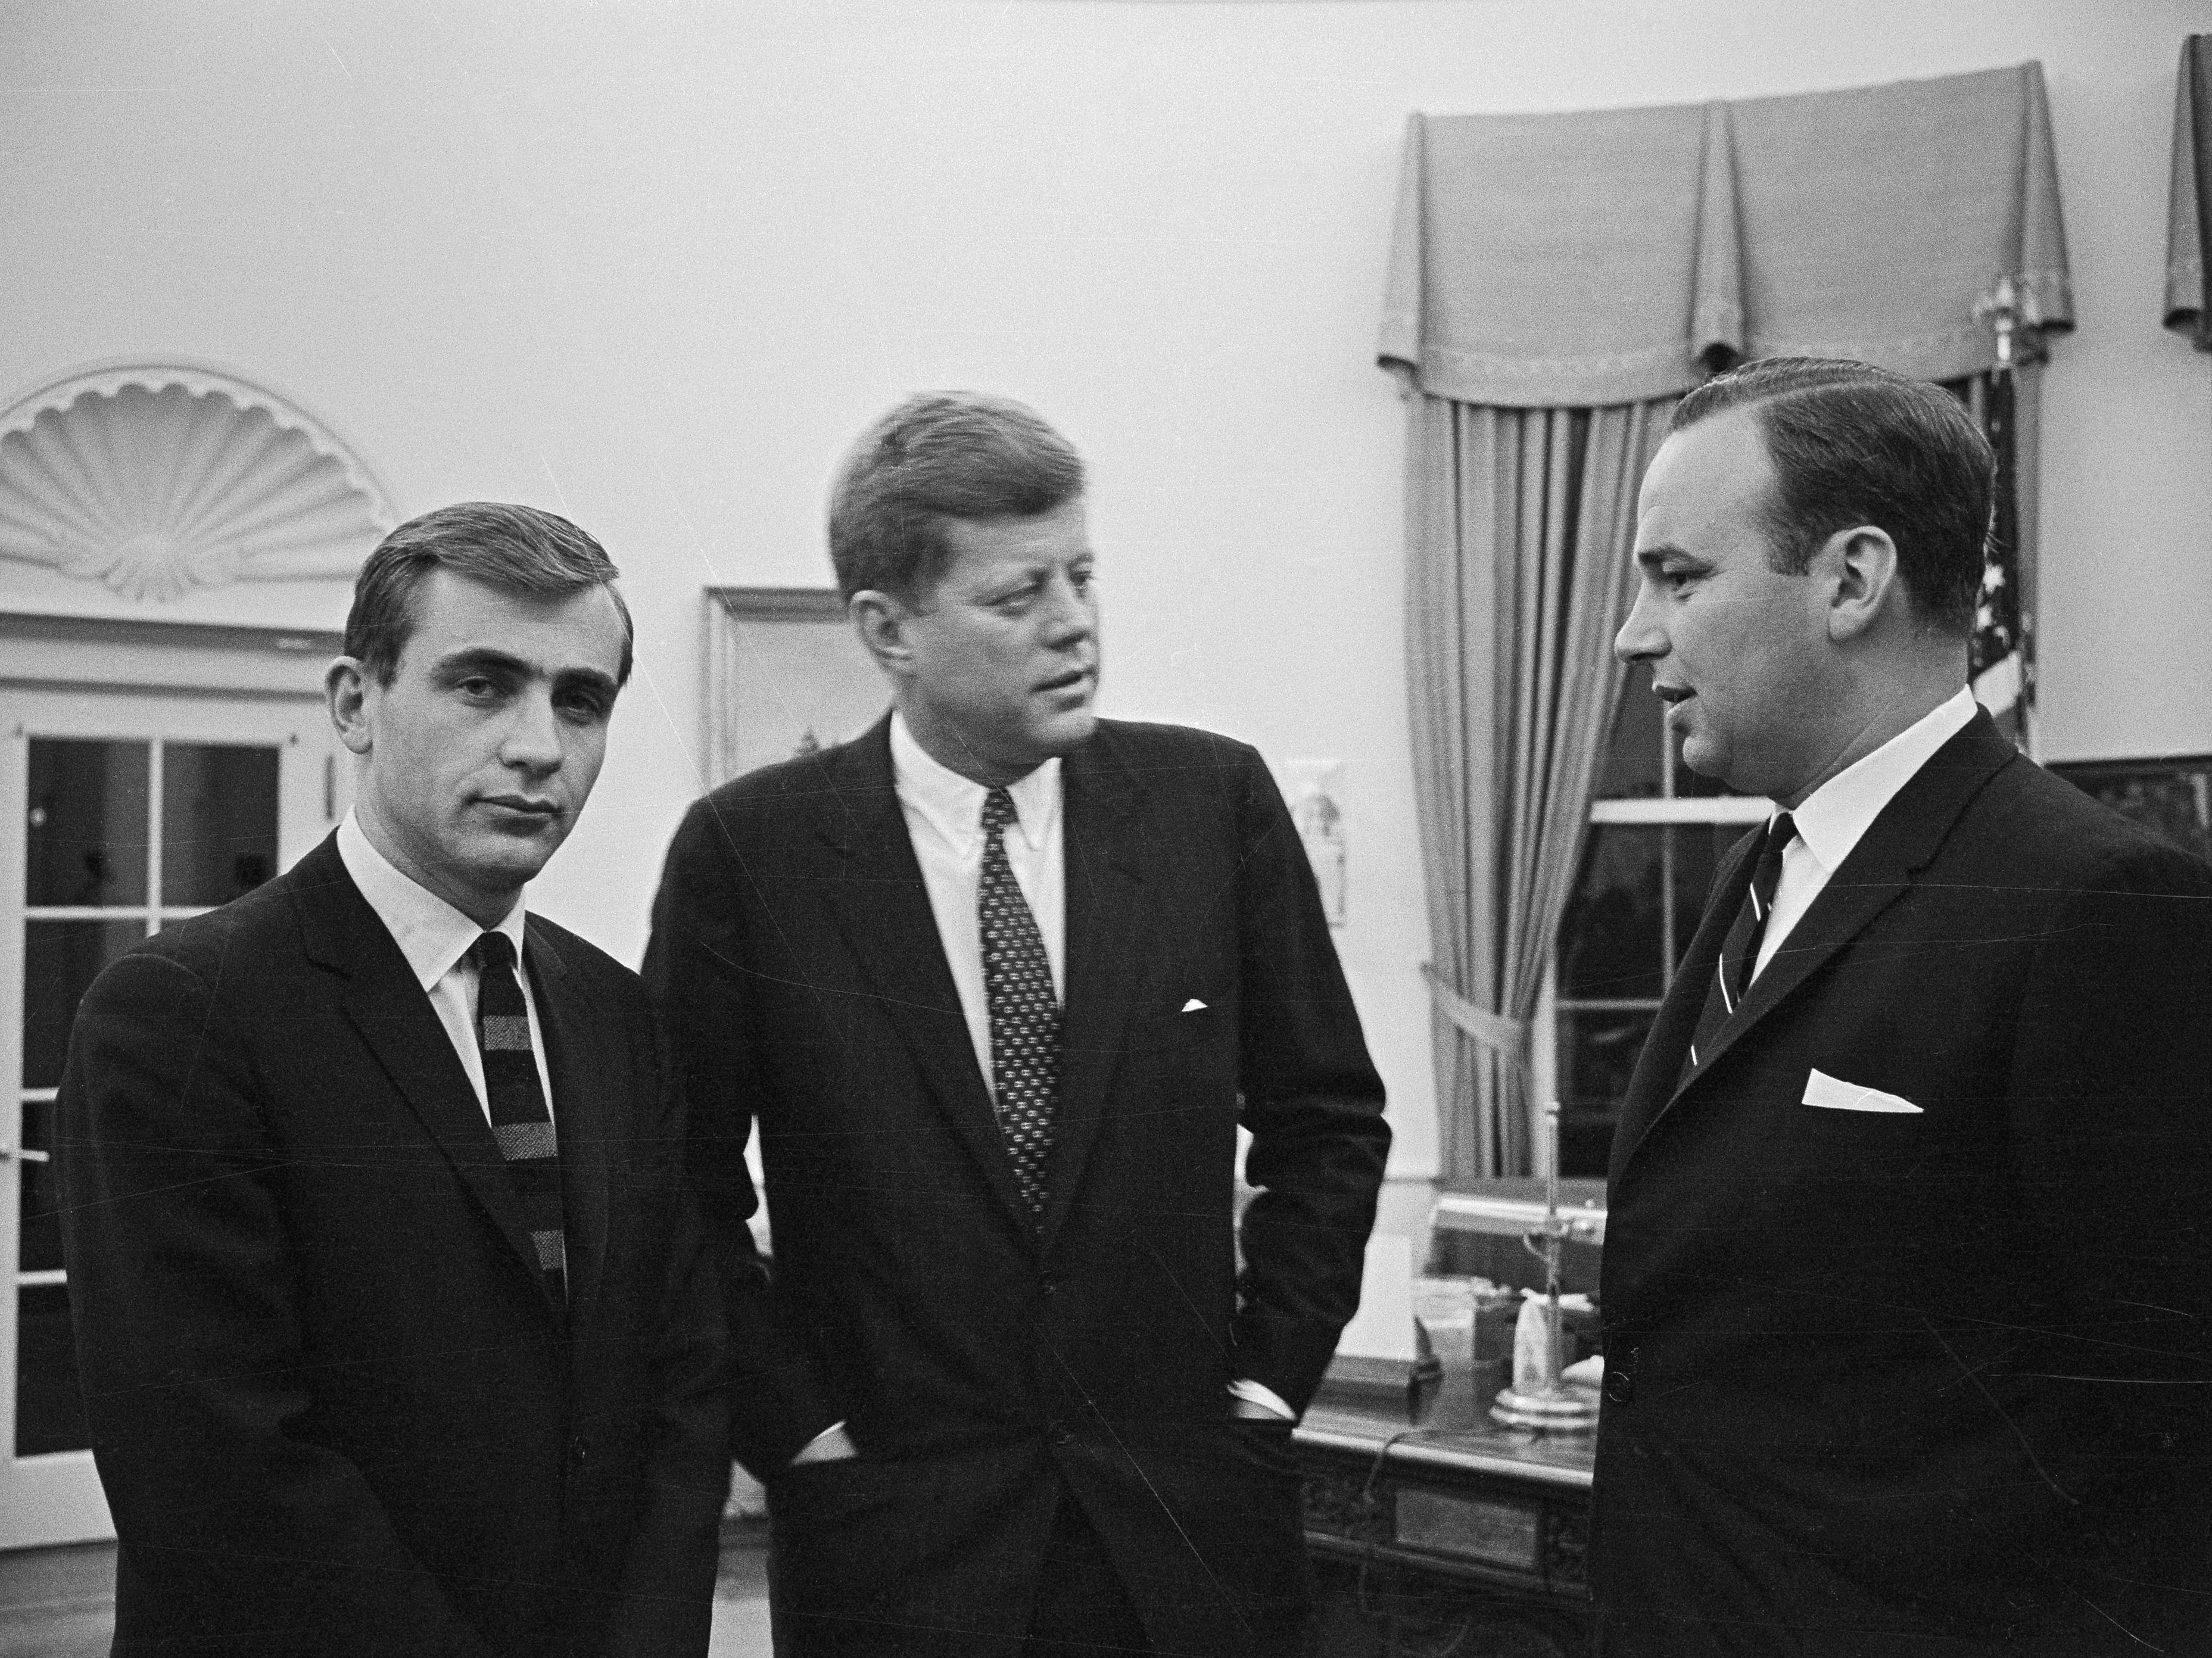 President John Kennedy meets with Rupert Murdoch in 1961. (Bettmann/Getty Images)